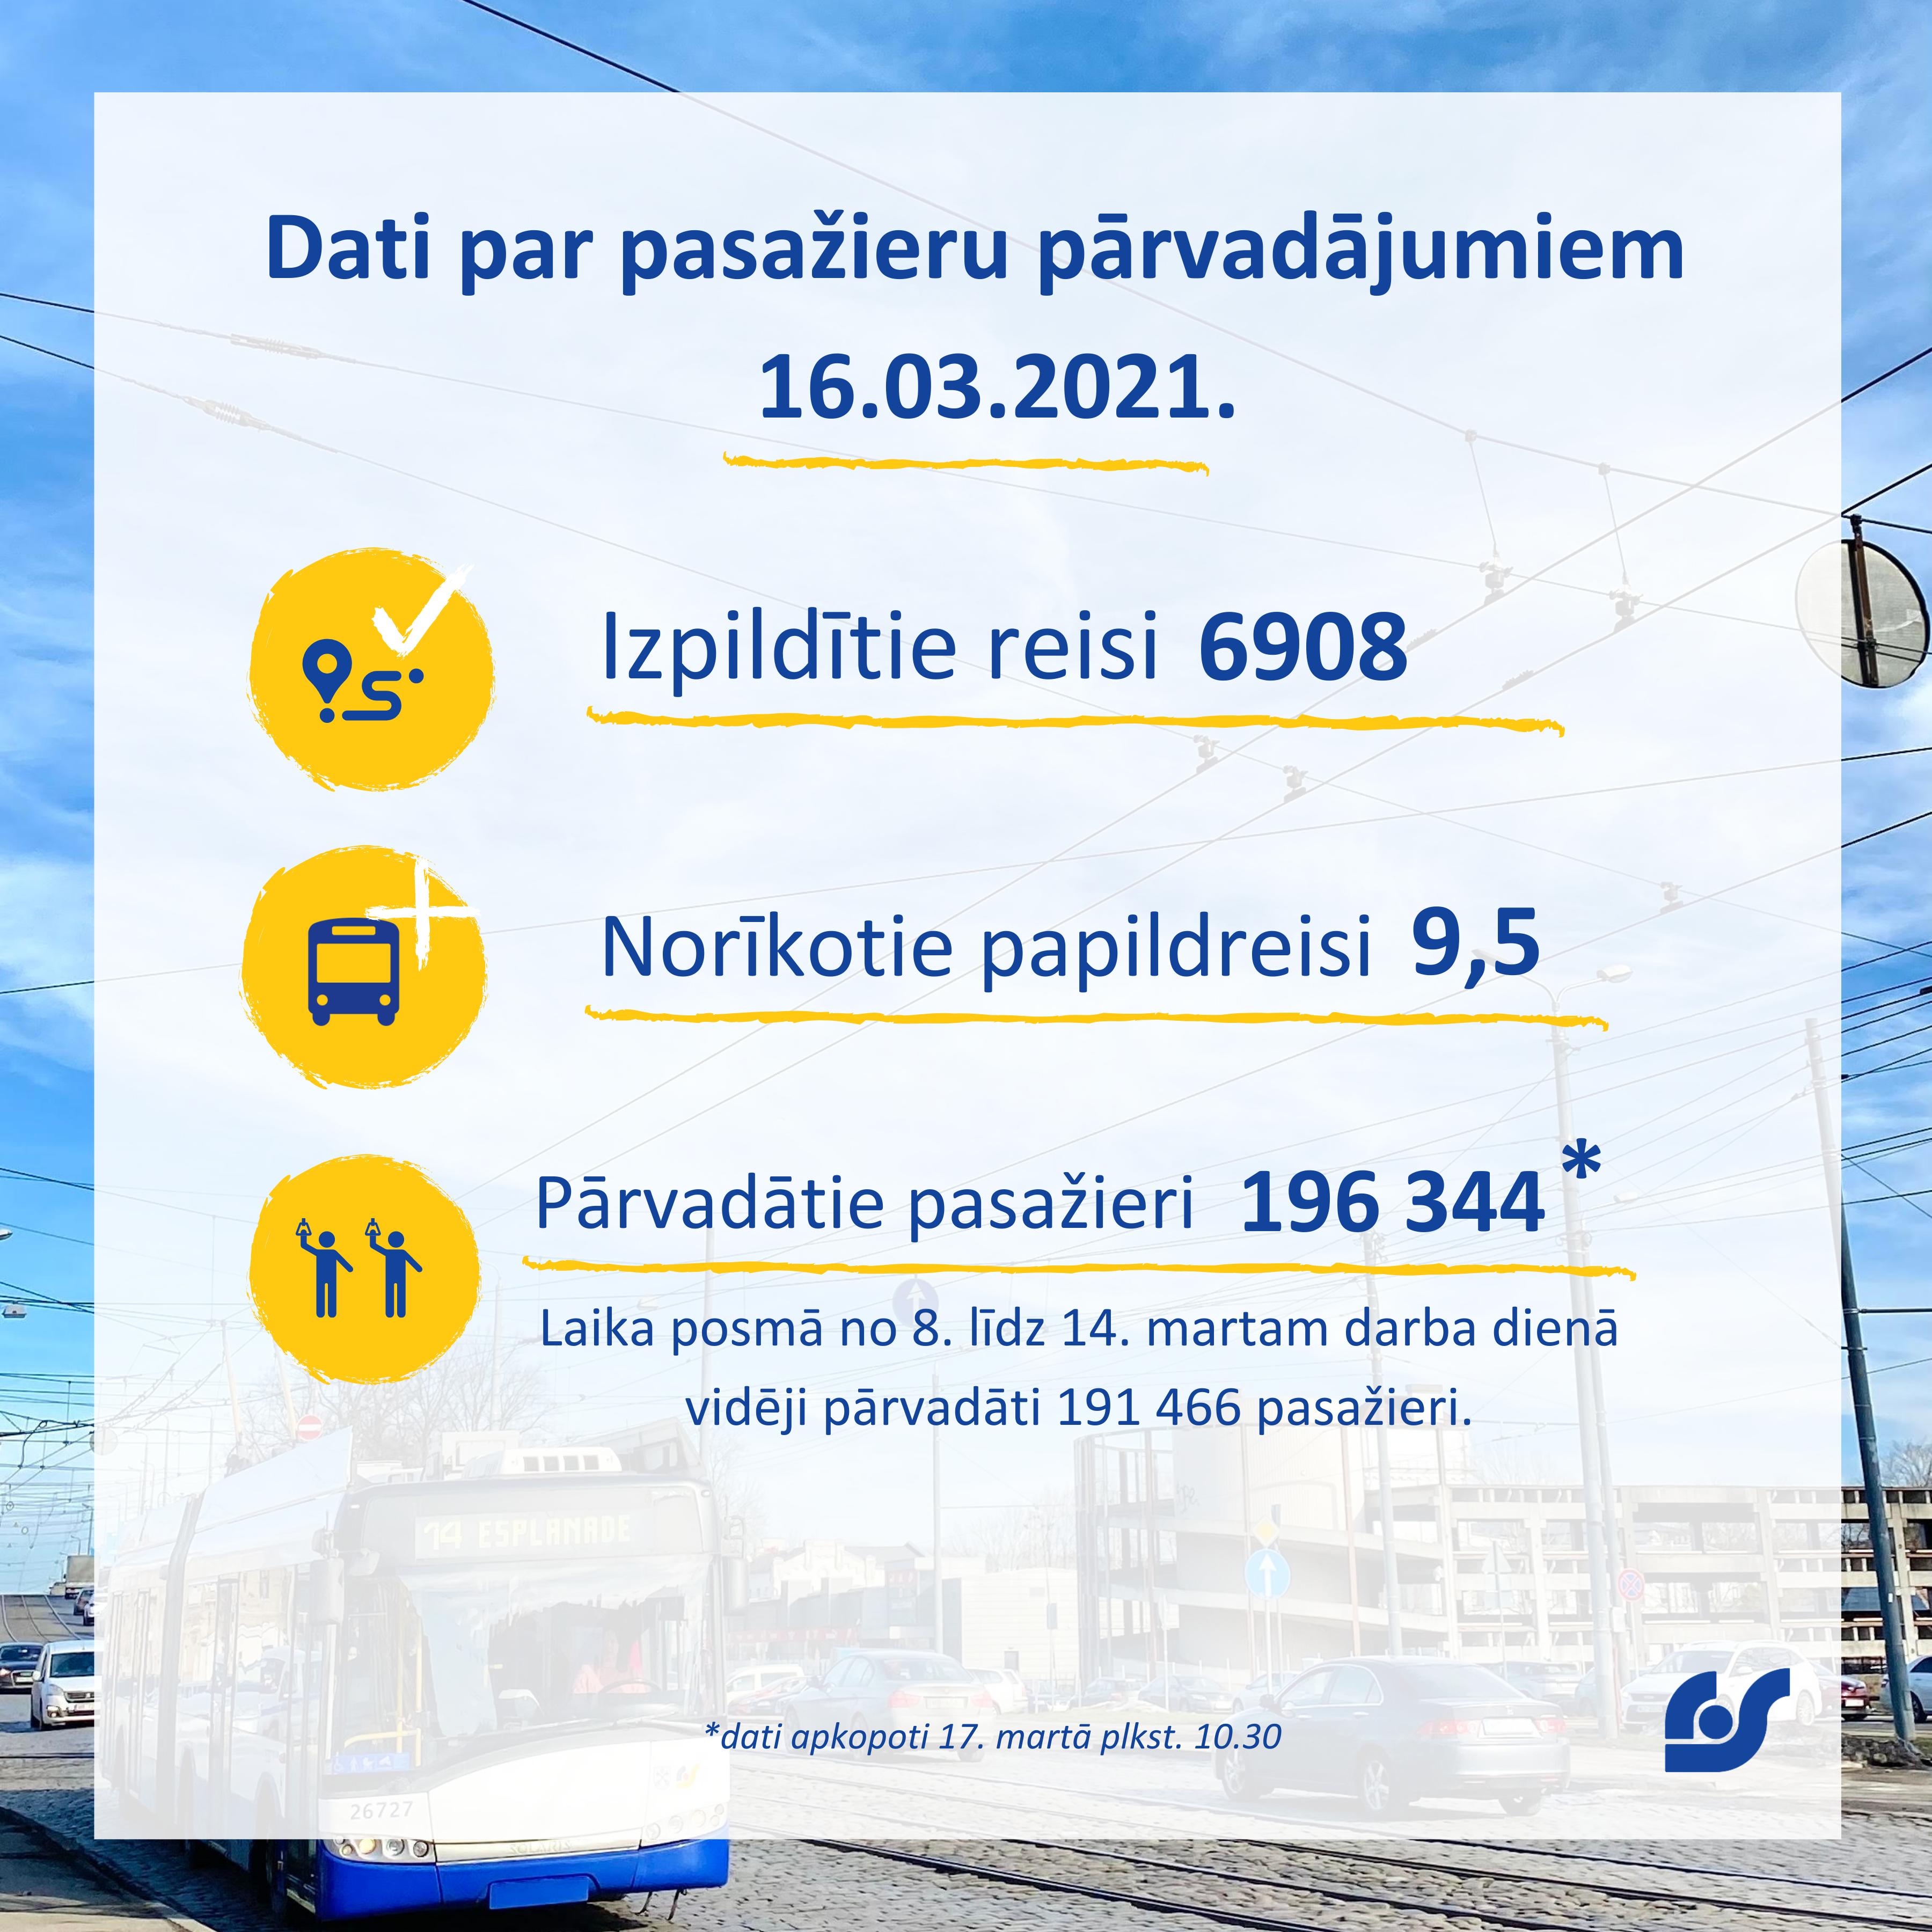 Copy of Copy of Dati par pasažieru pārvadājumiem 01.02.2021. - 07.02.2021. (4).png